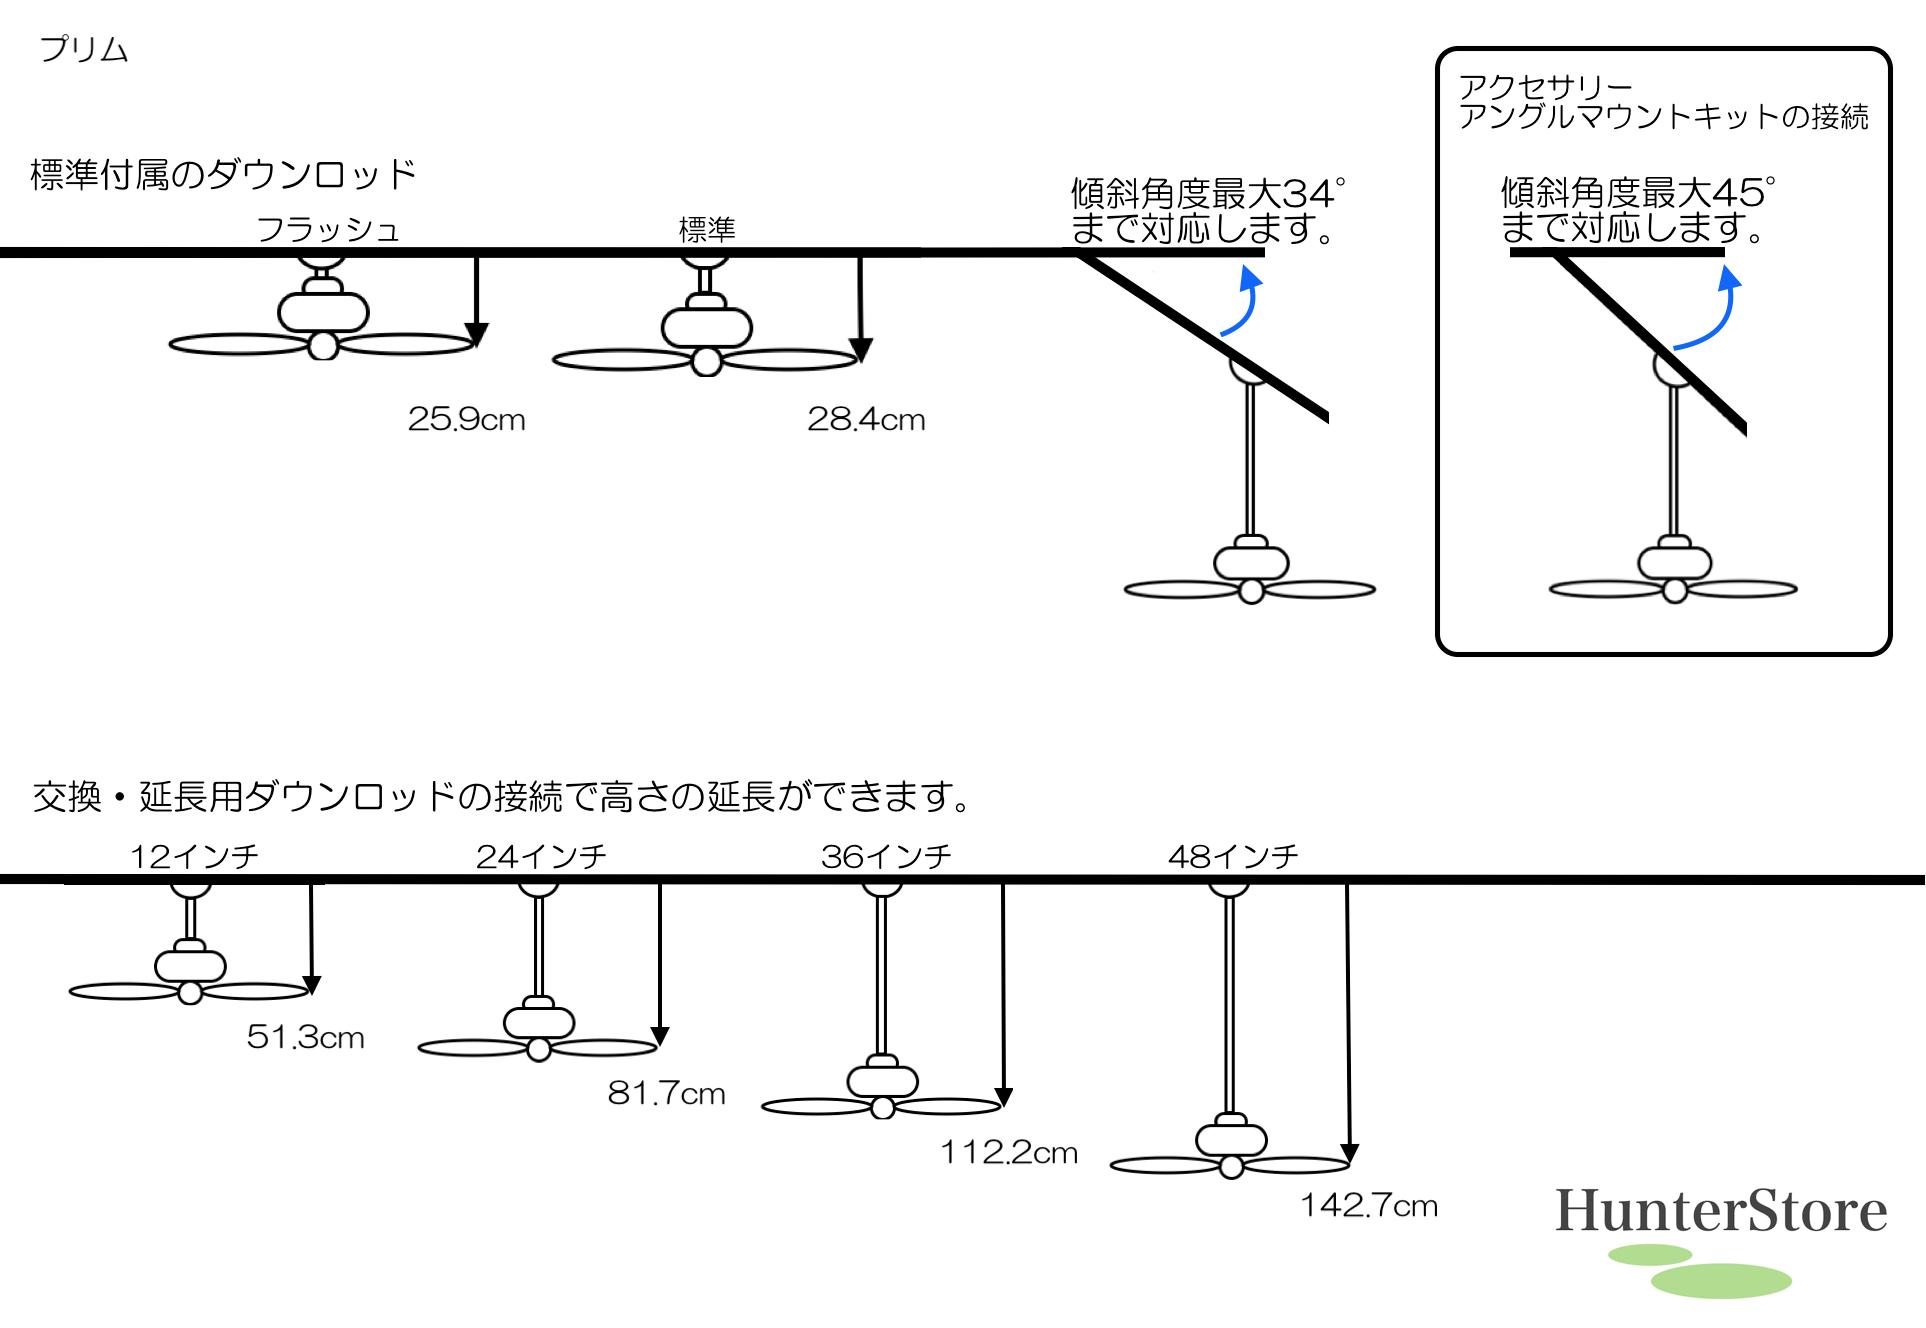 プリム 照明キット付【壁コントローラ・24㌅61cmダウンロッド付】 - 画像2